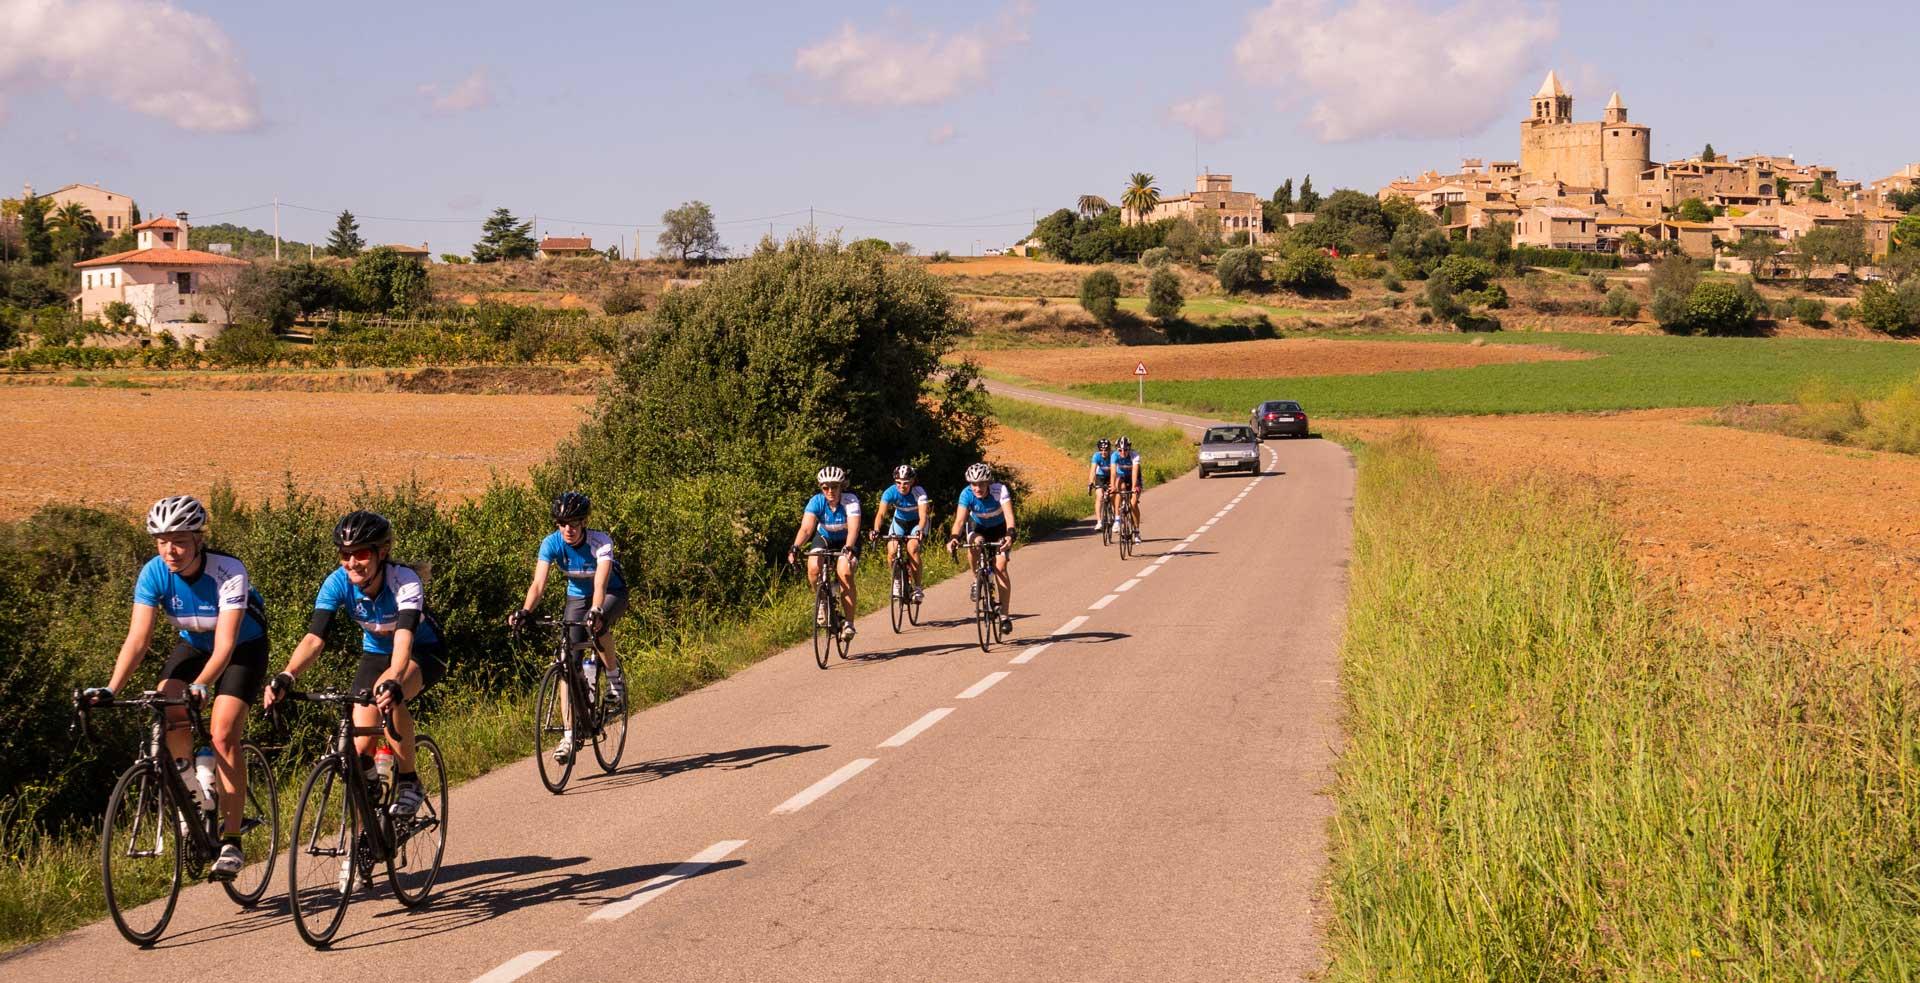 de-vries-women-cycling-tour-girona.jpg